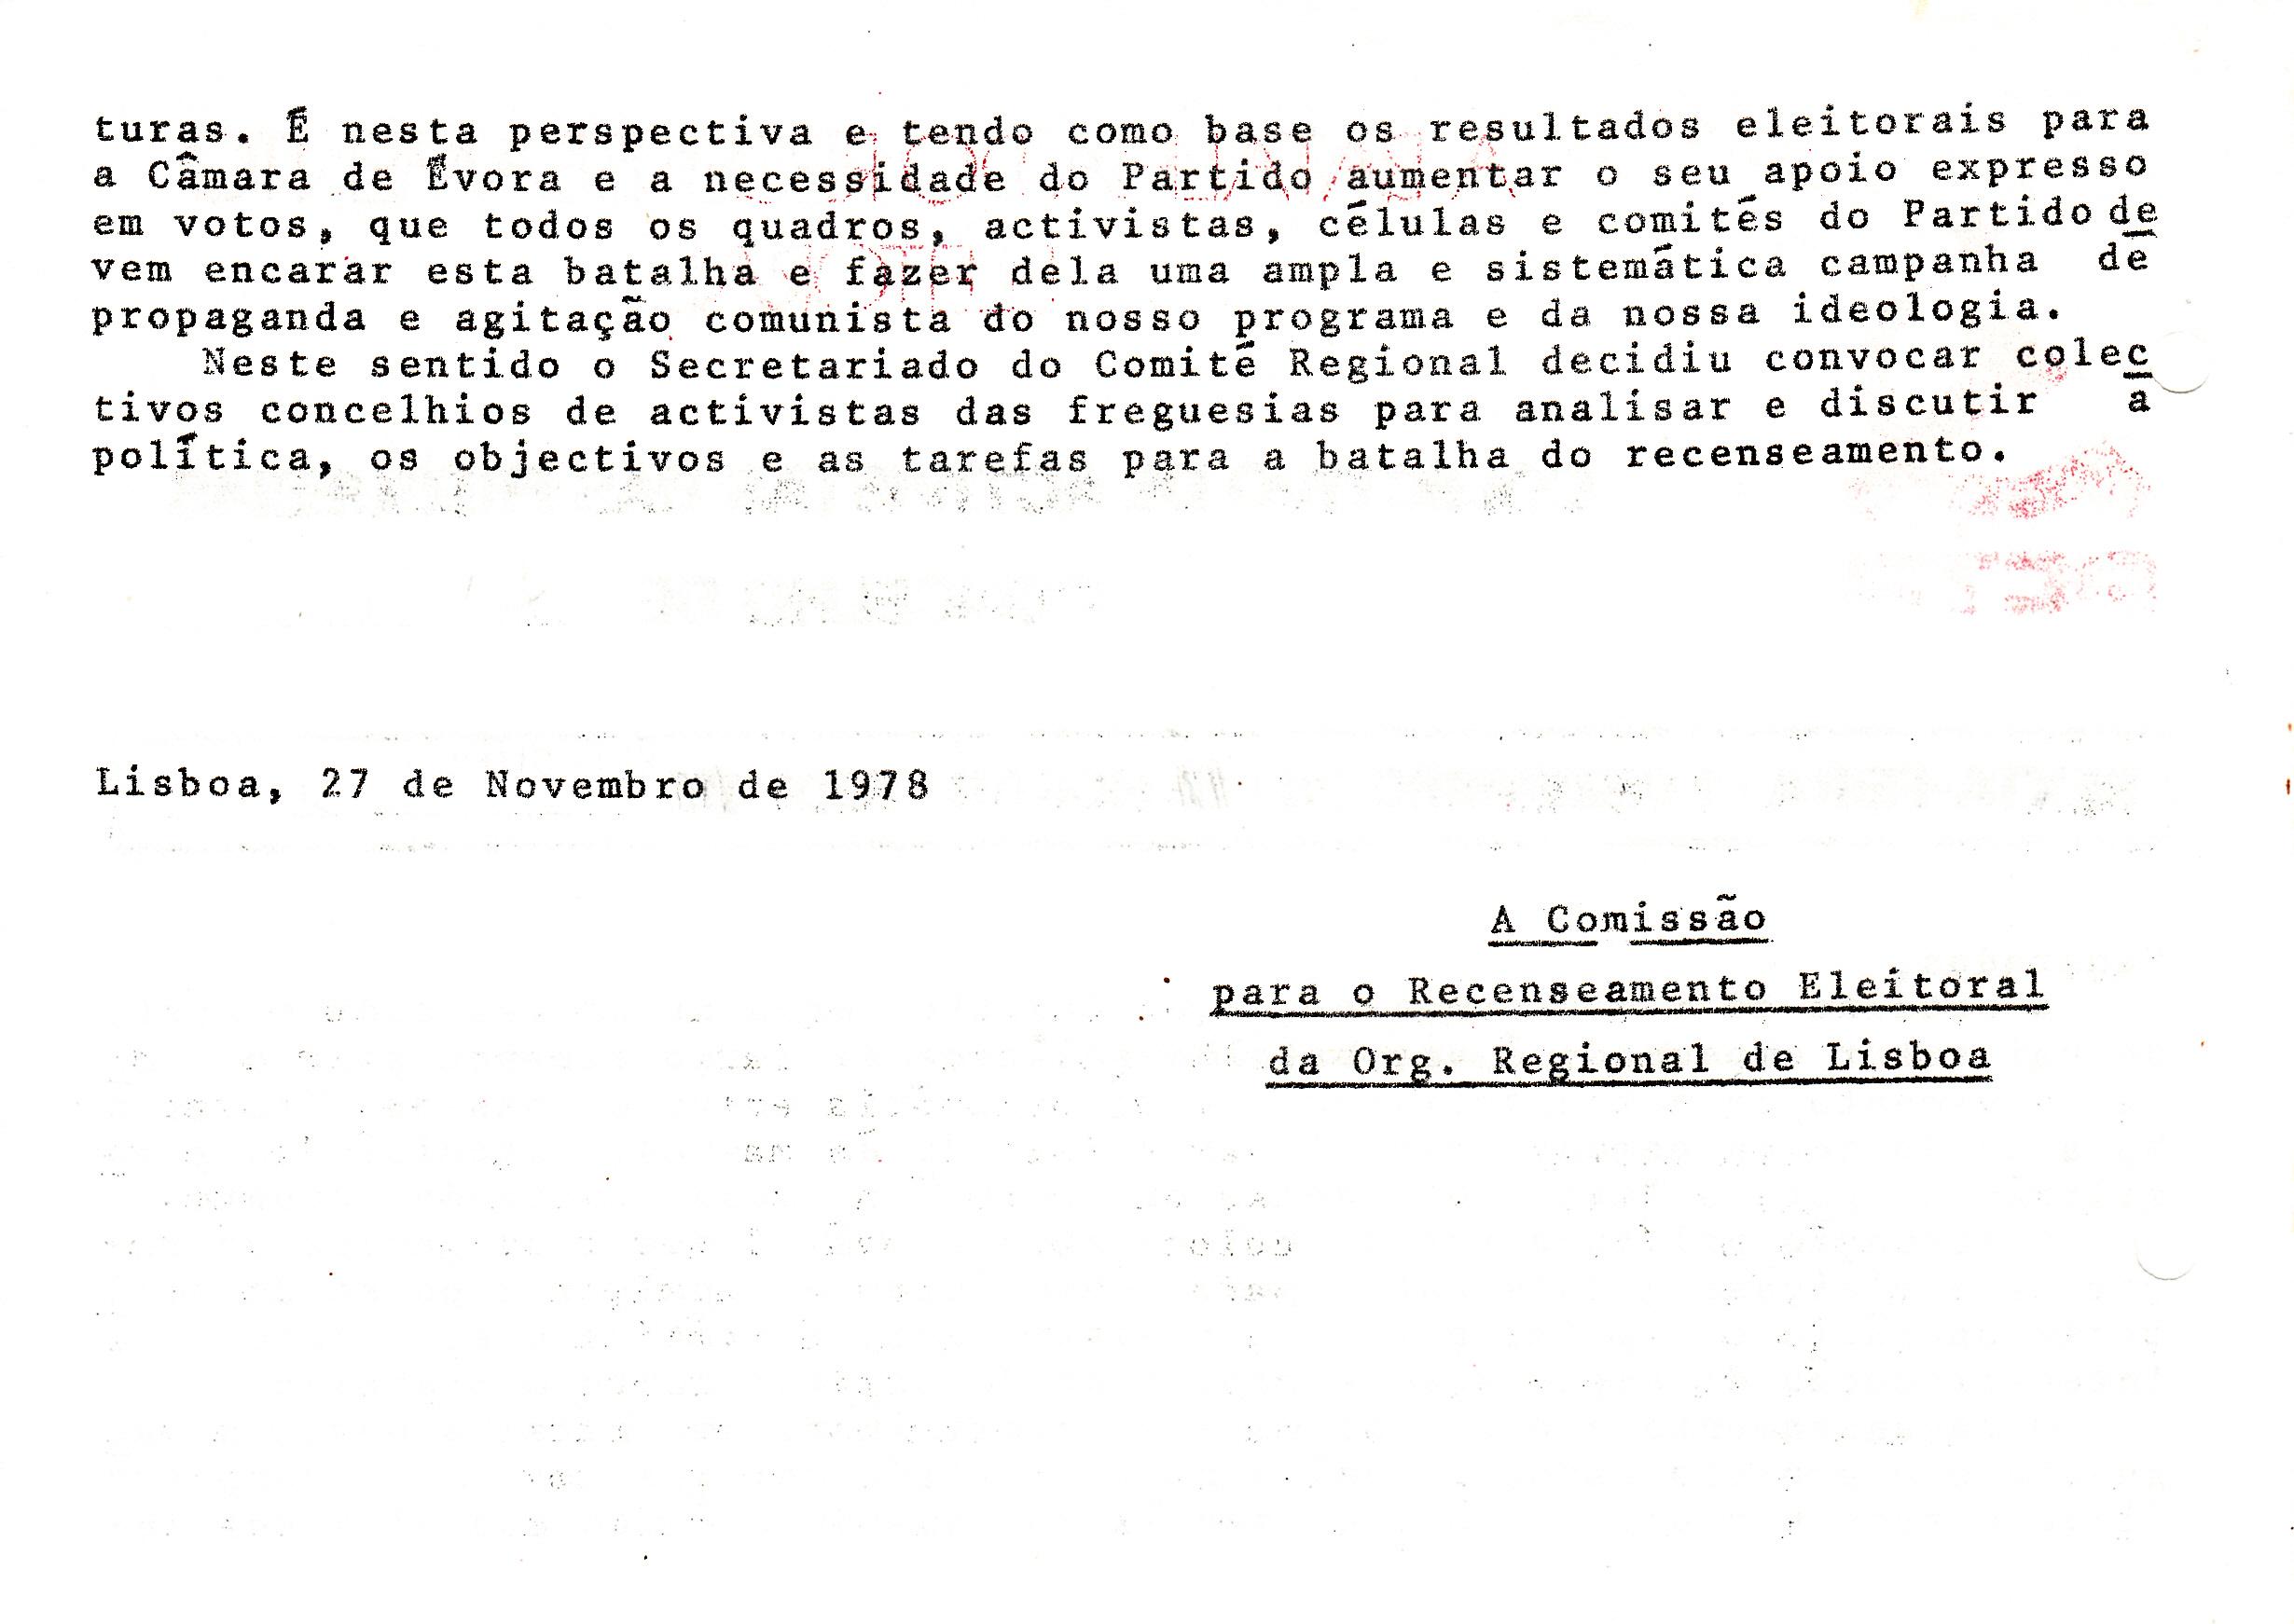 MRPP_1978_11_27_0002